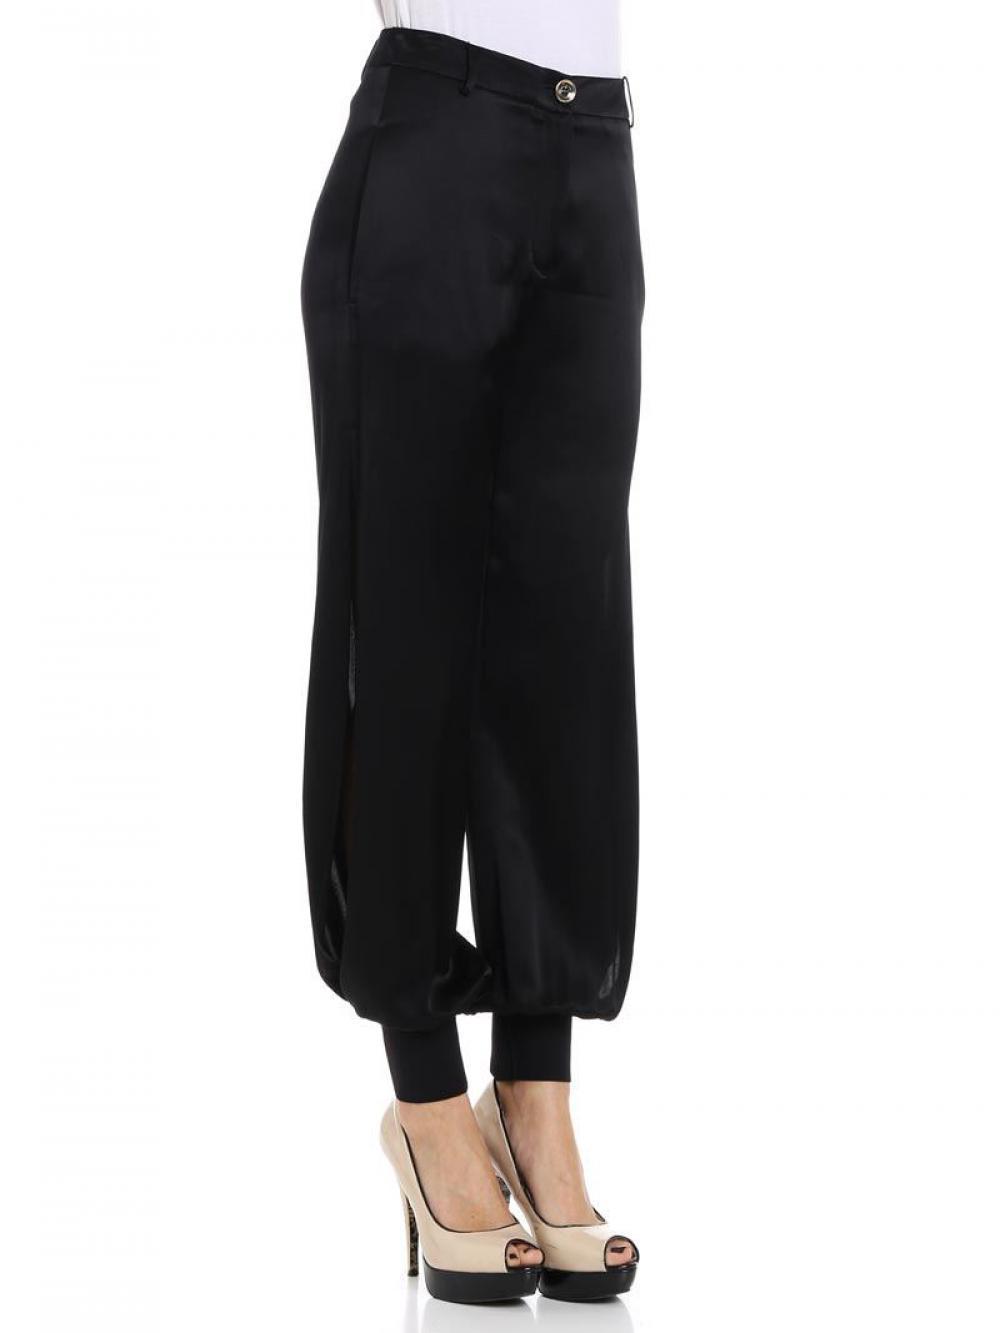 pantalone-patrizia-pepe-in-viscosa-donna-patrizia-pepe-cod-8p0145